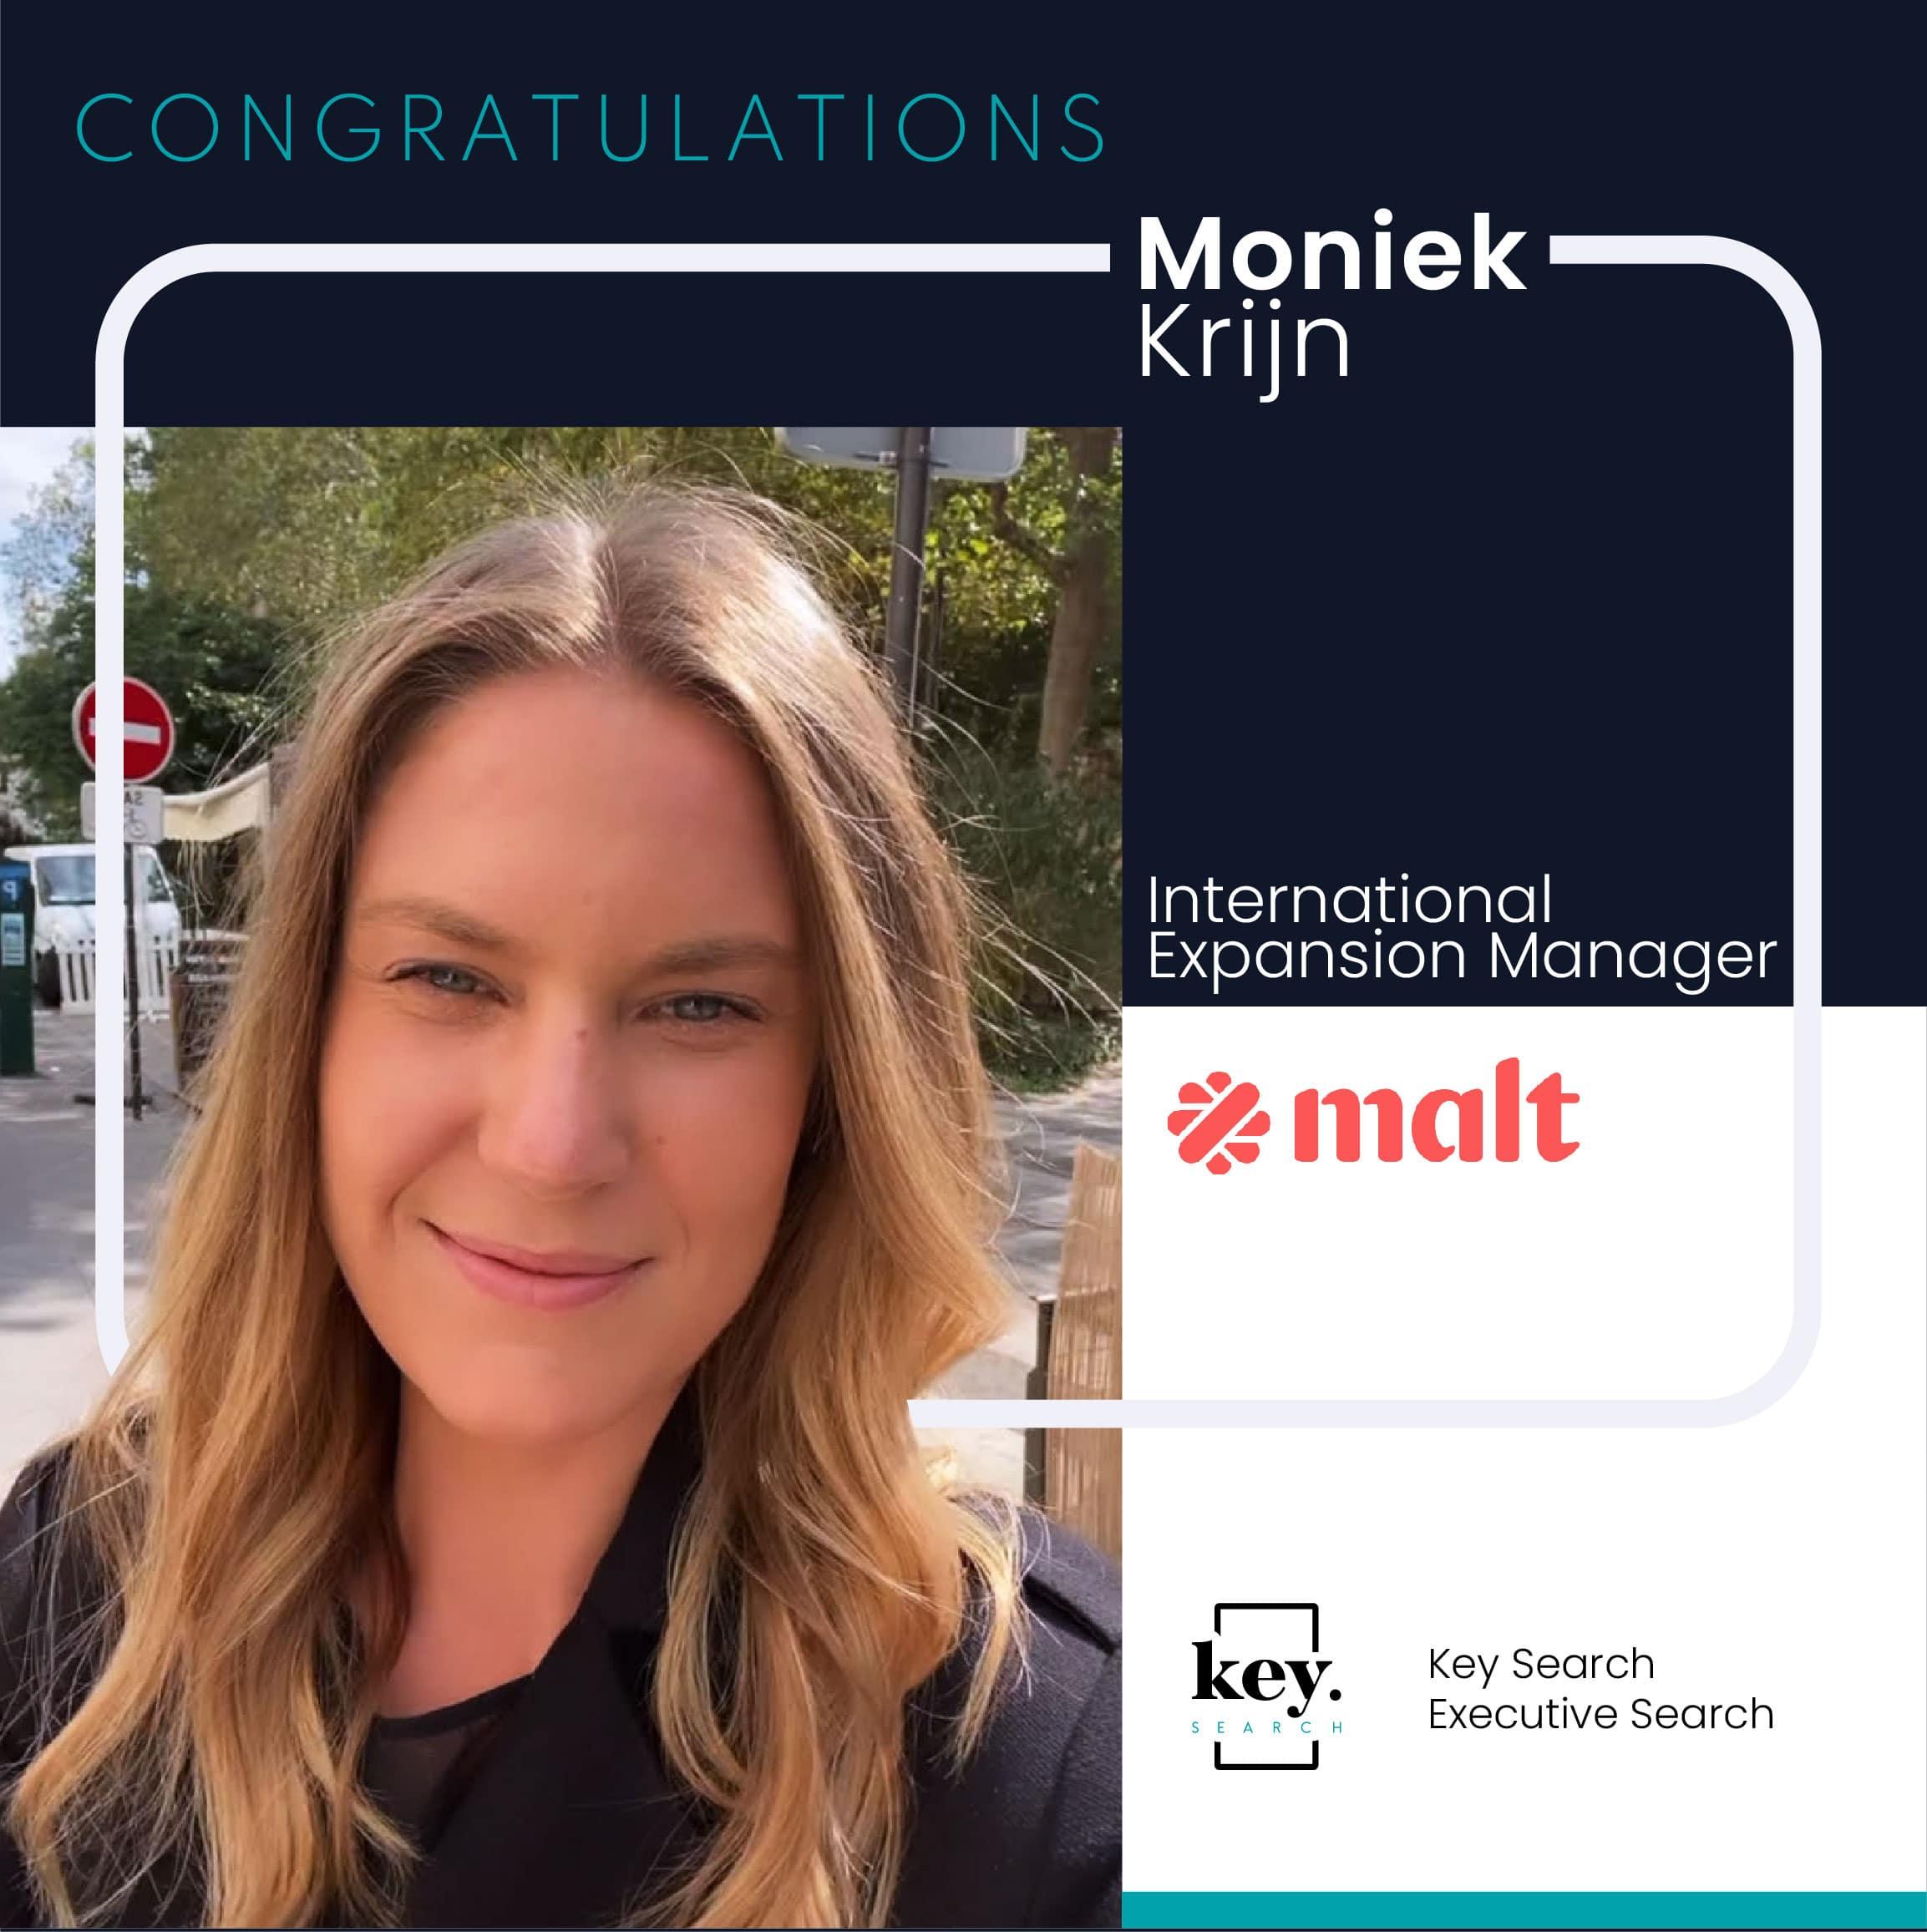 congratulations-_Moniek Krijn